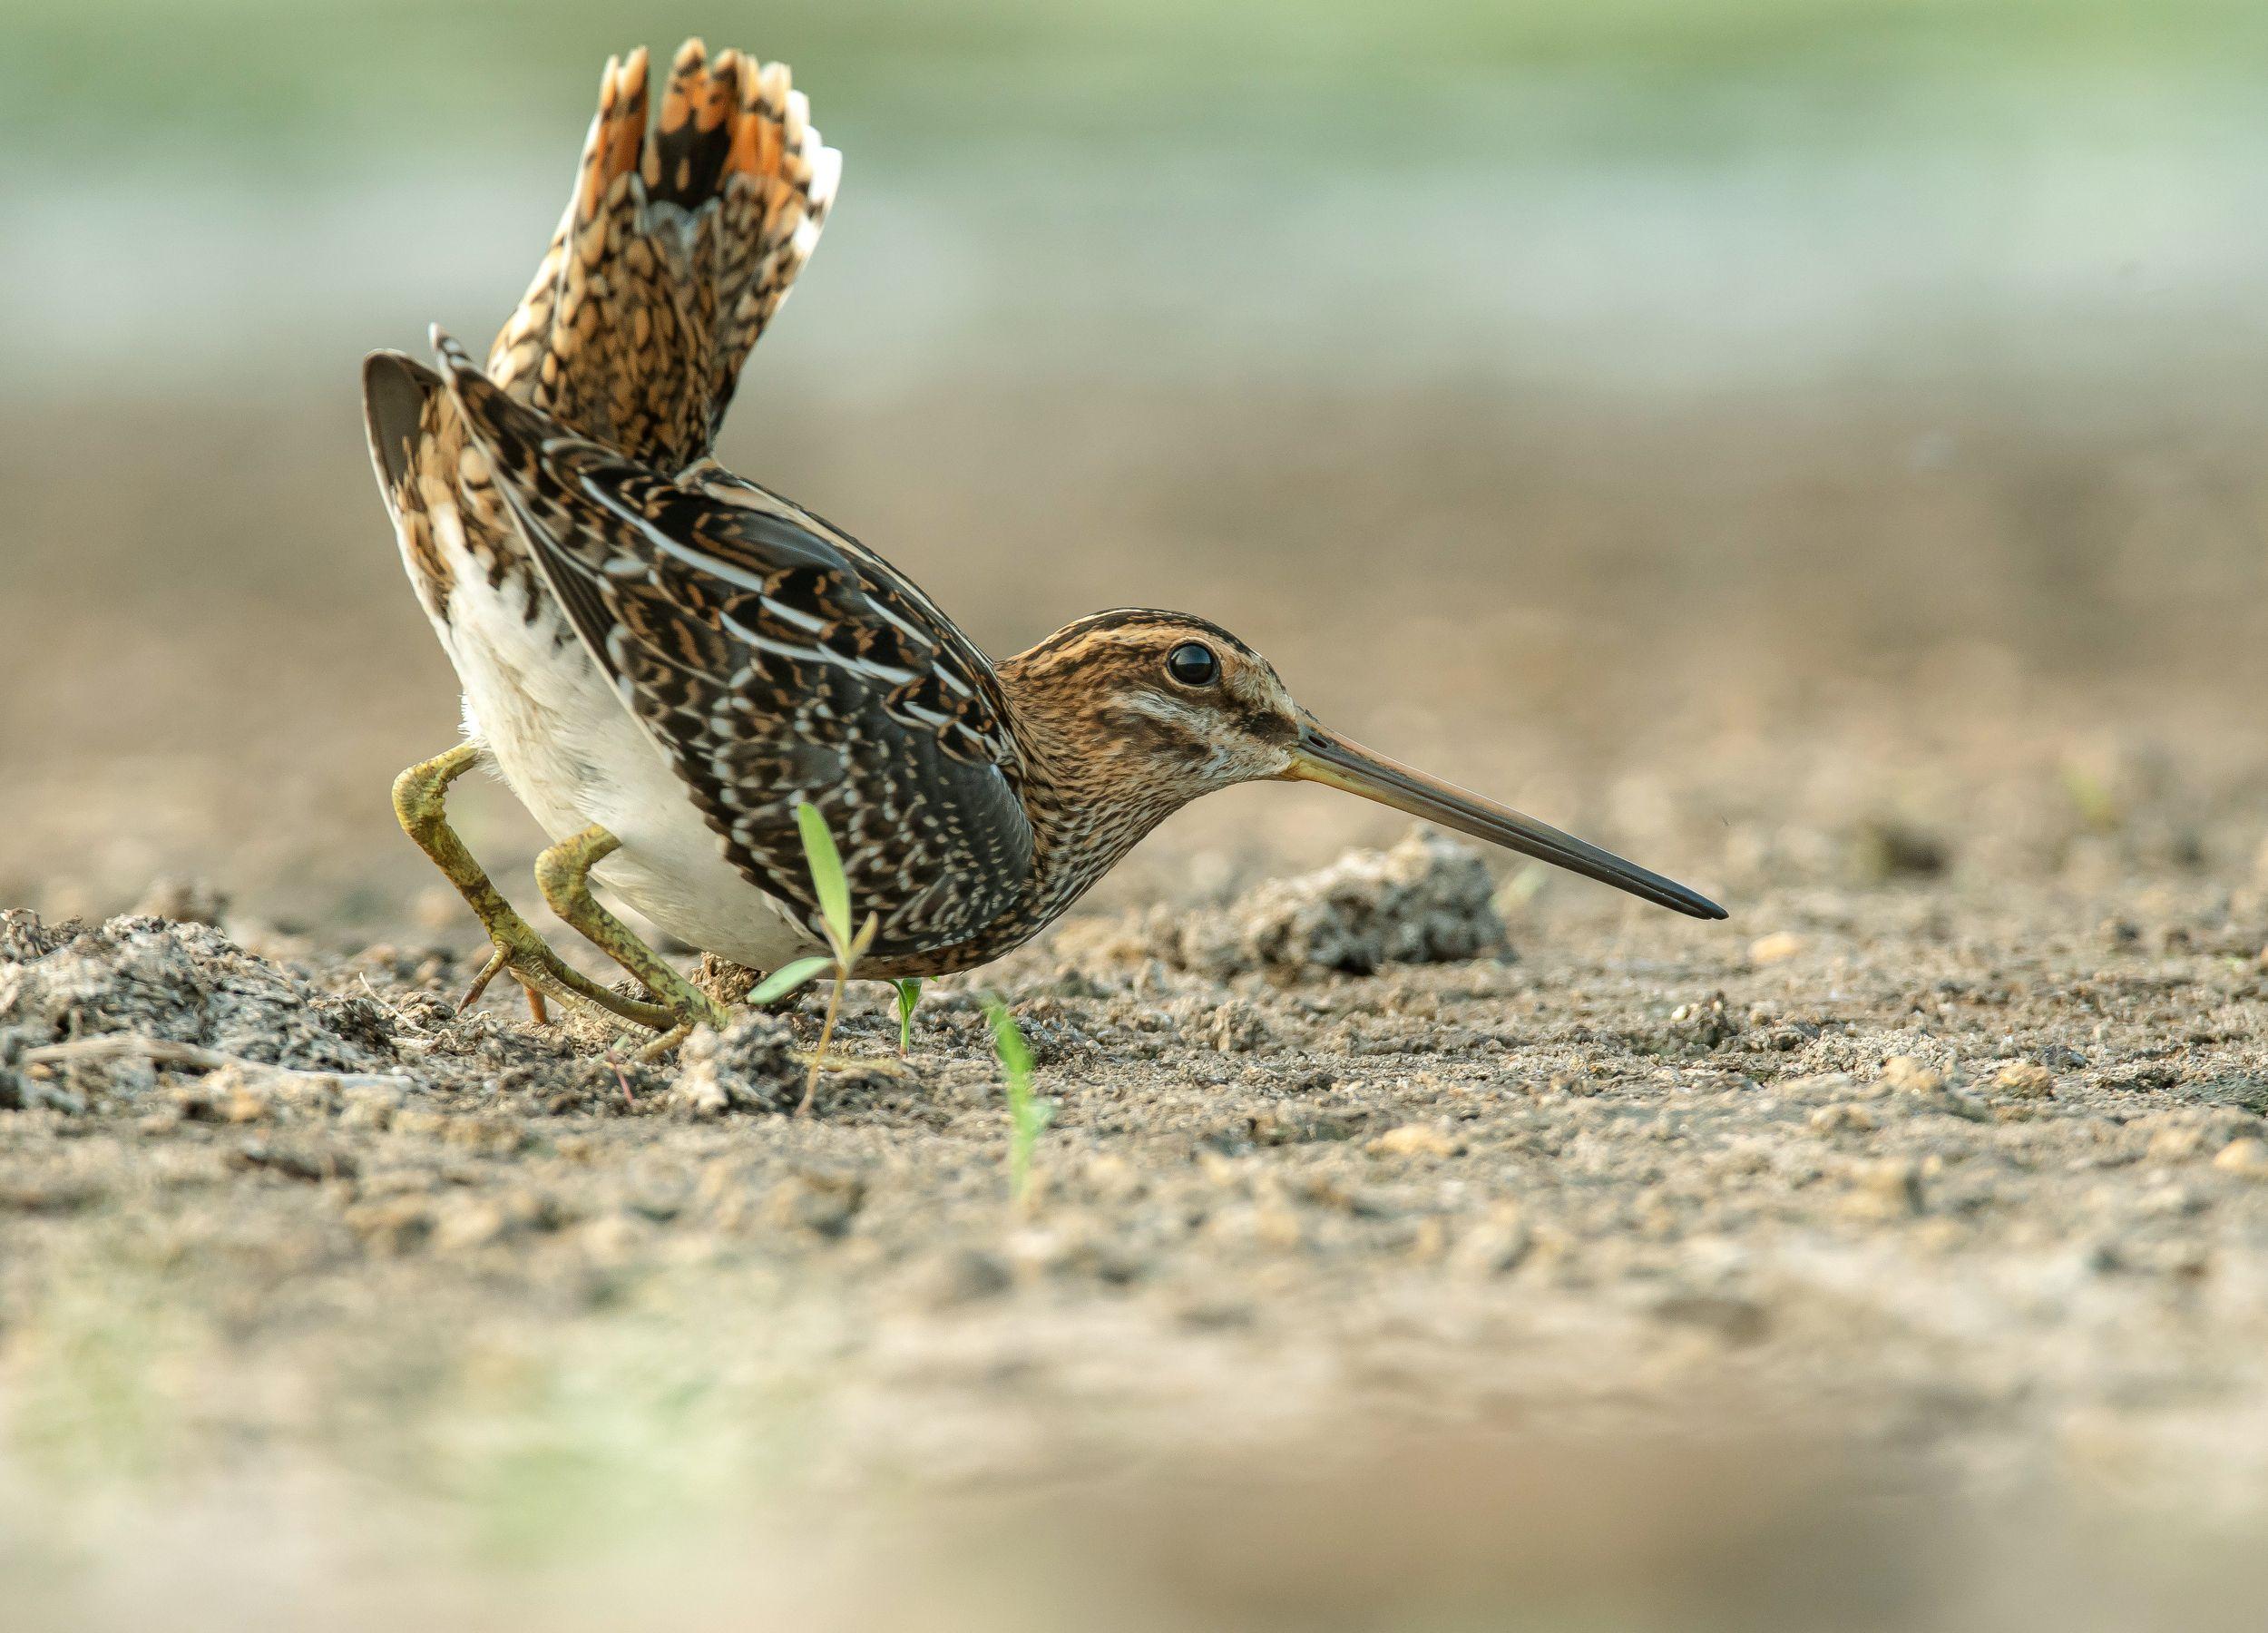 птицы,природа, лето, Киселёв Андрей